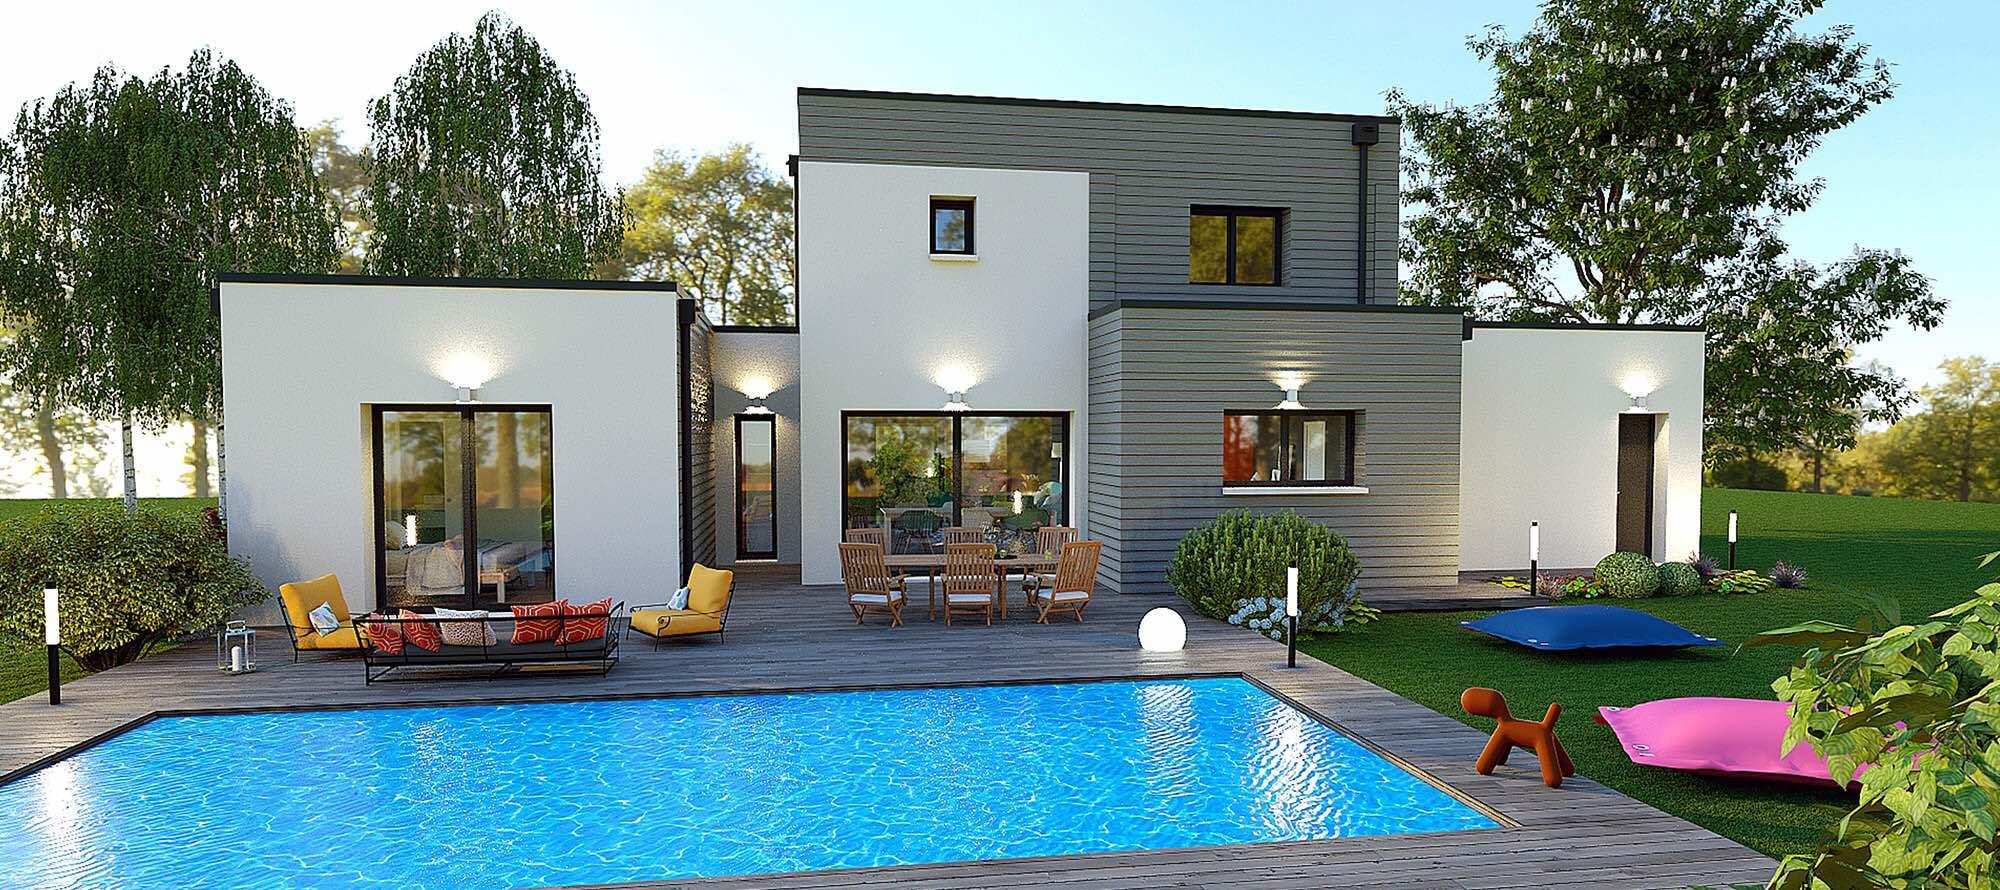 Constructeur Maison En Bois Limoges maison laure / constructeur de maisons individuelles